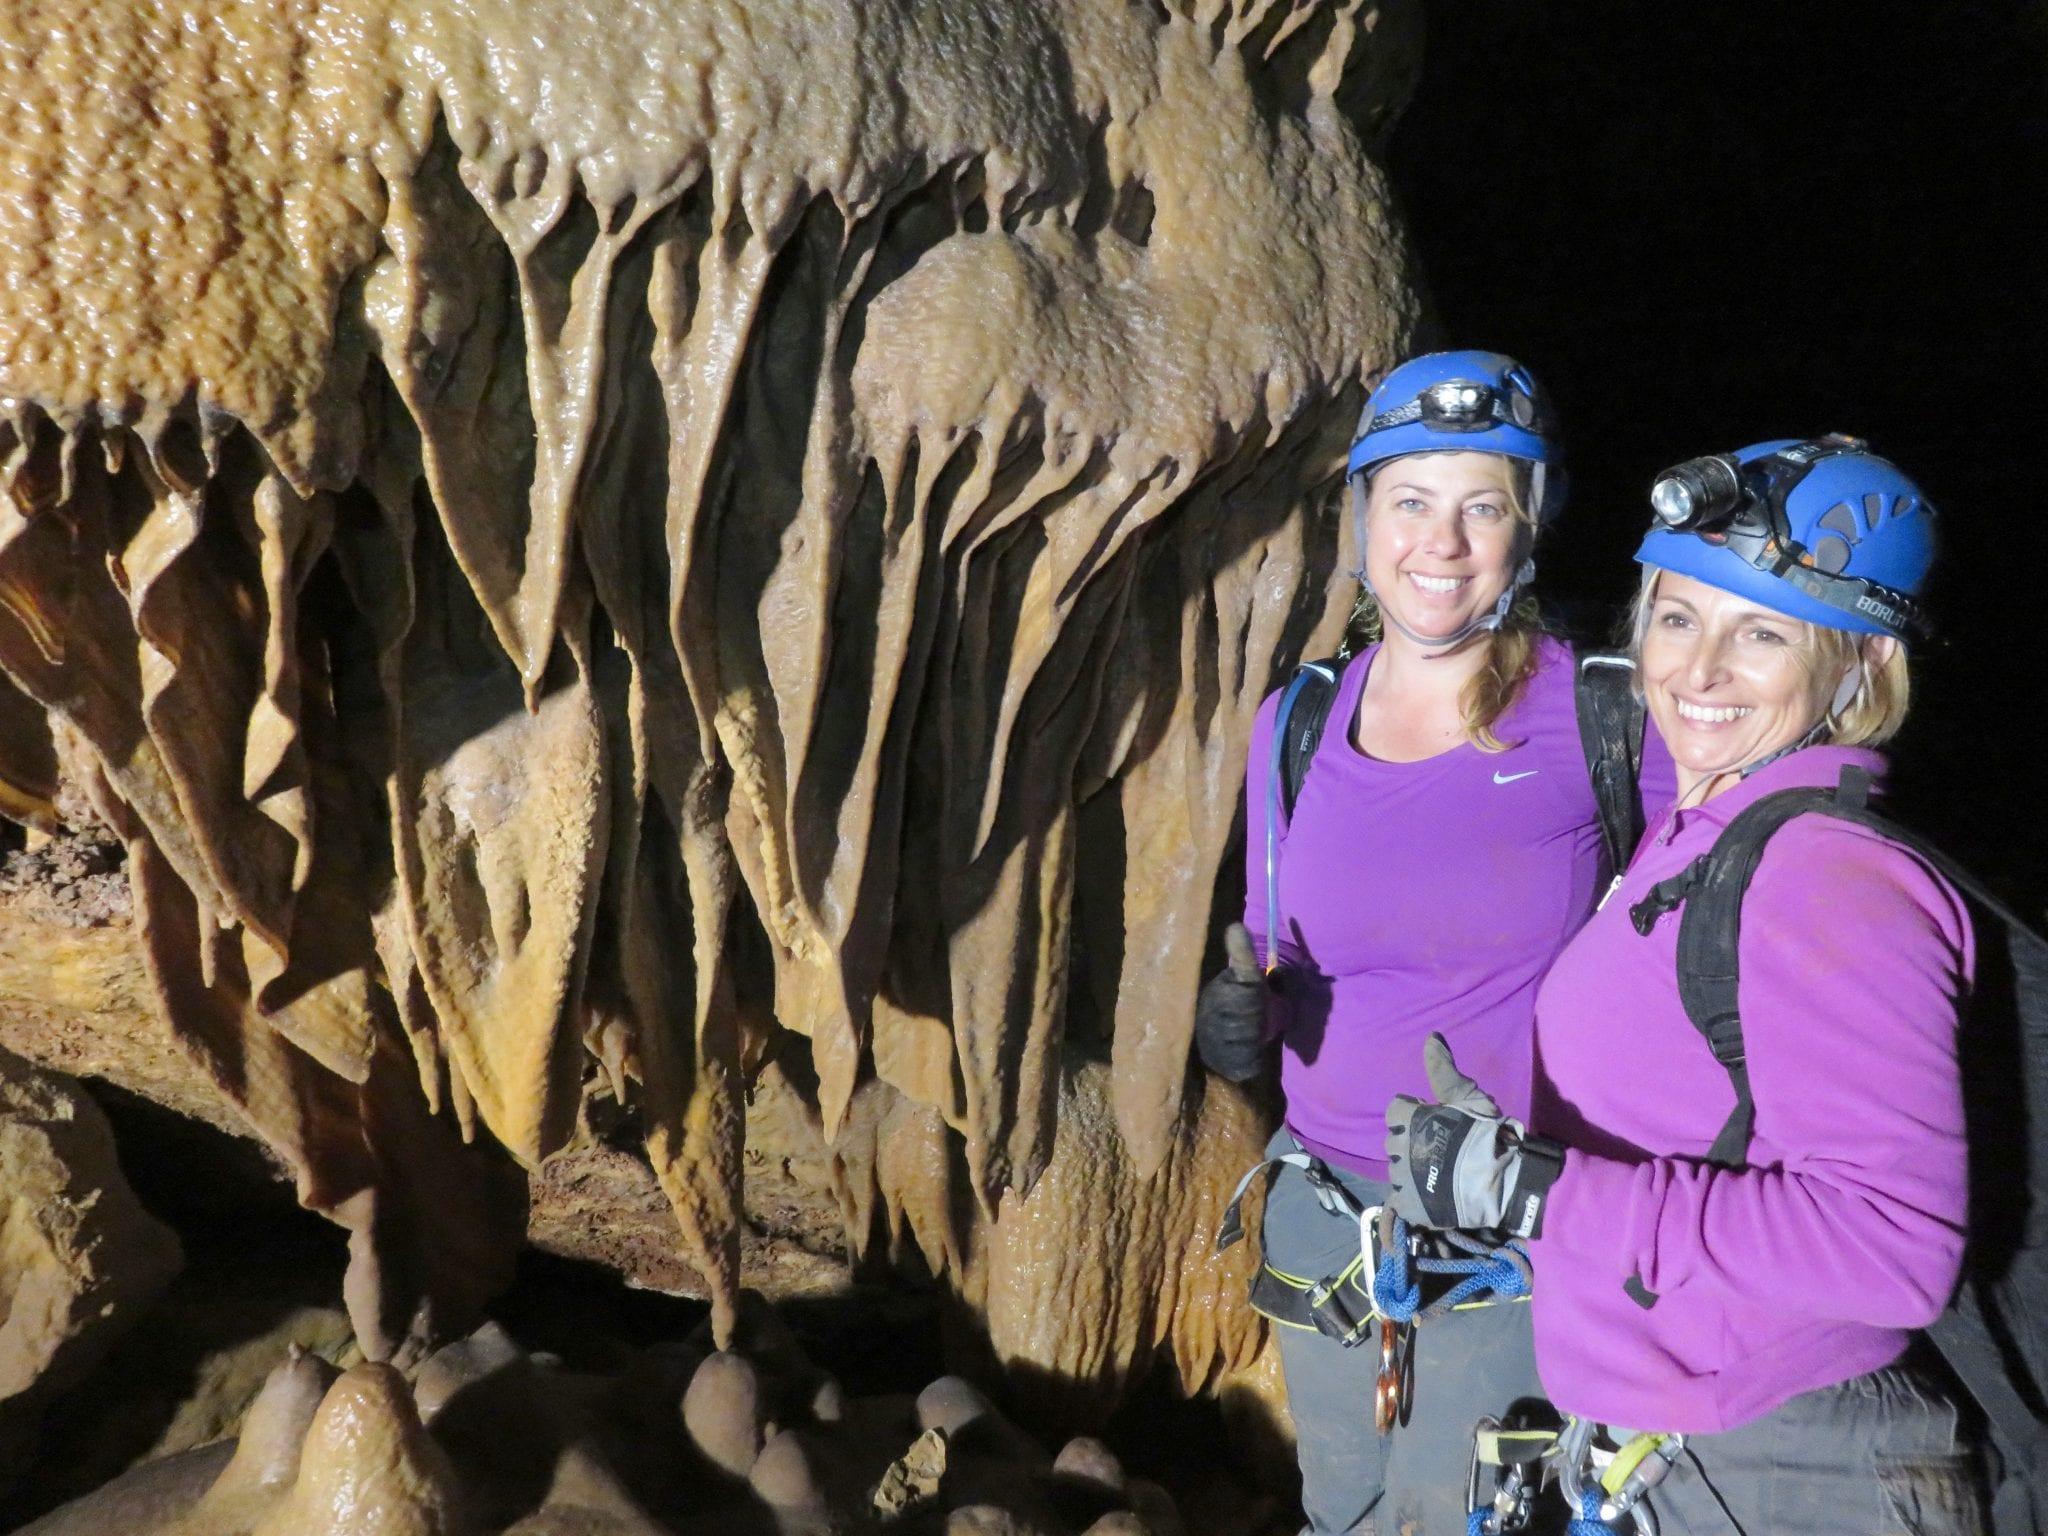 סנפלינג מערות באזור ירושלים - ערוצים בטבע